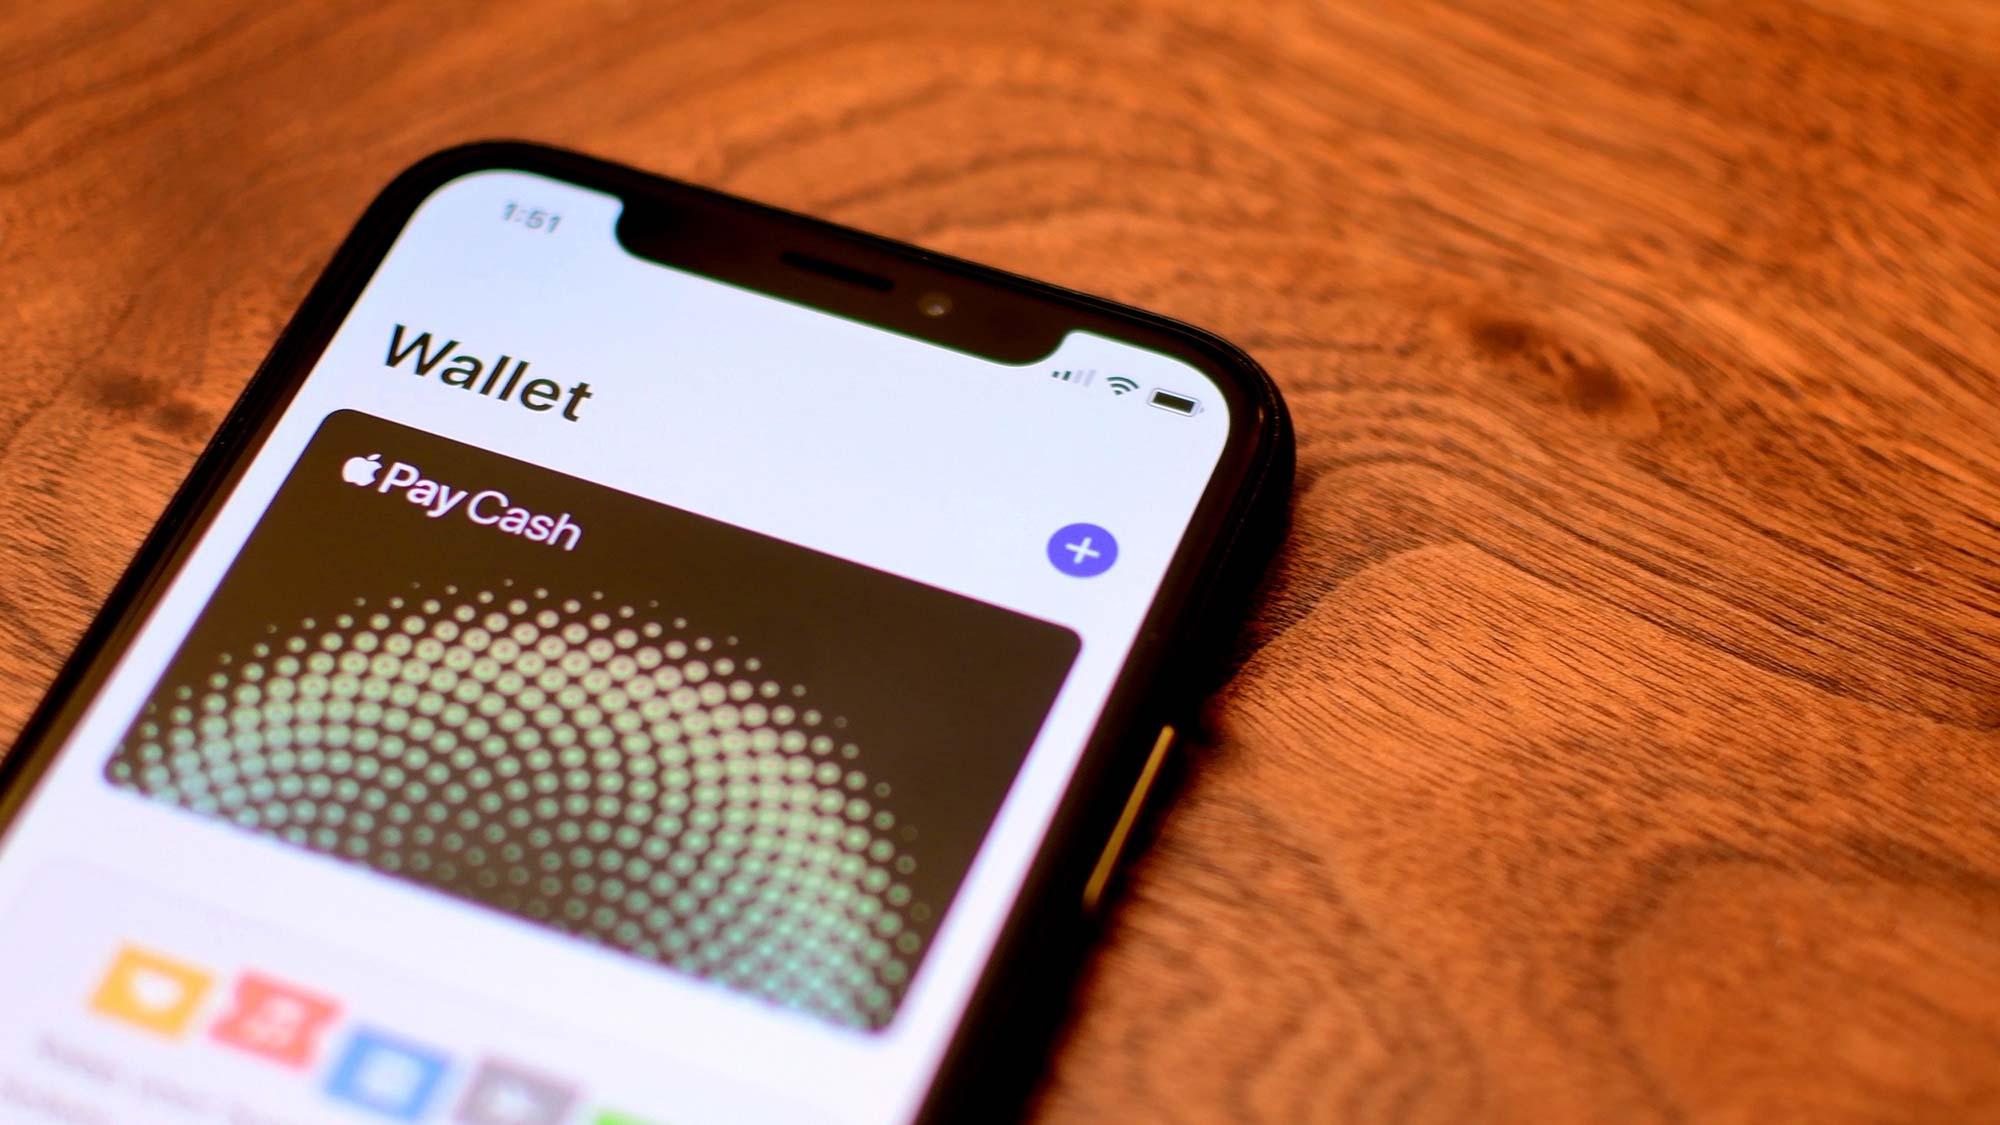 Apple Pay cash Card